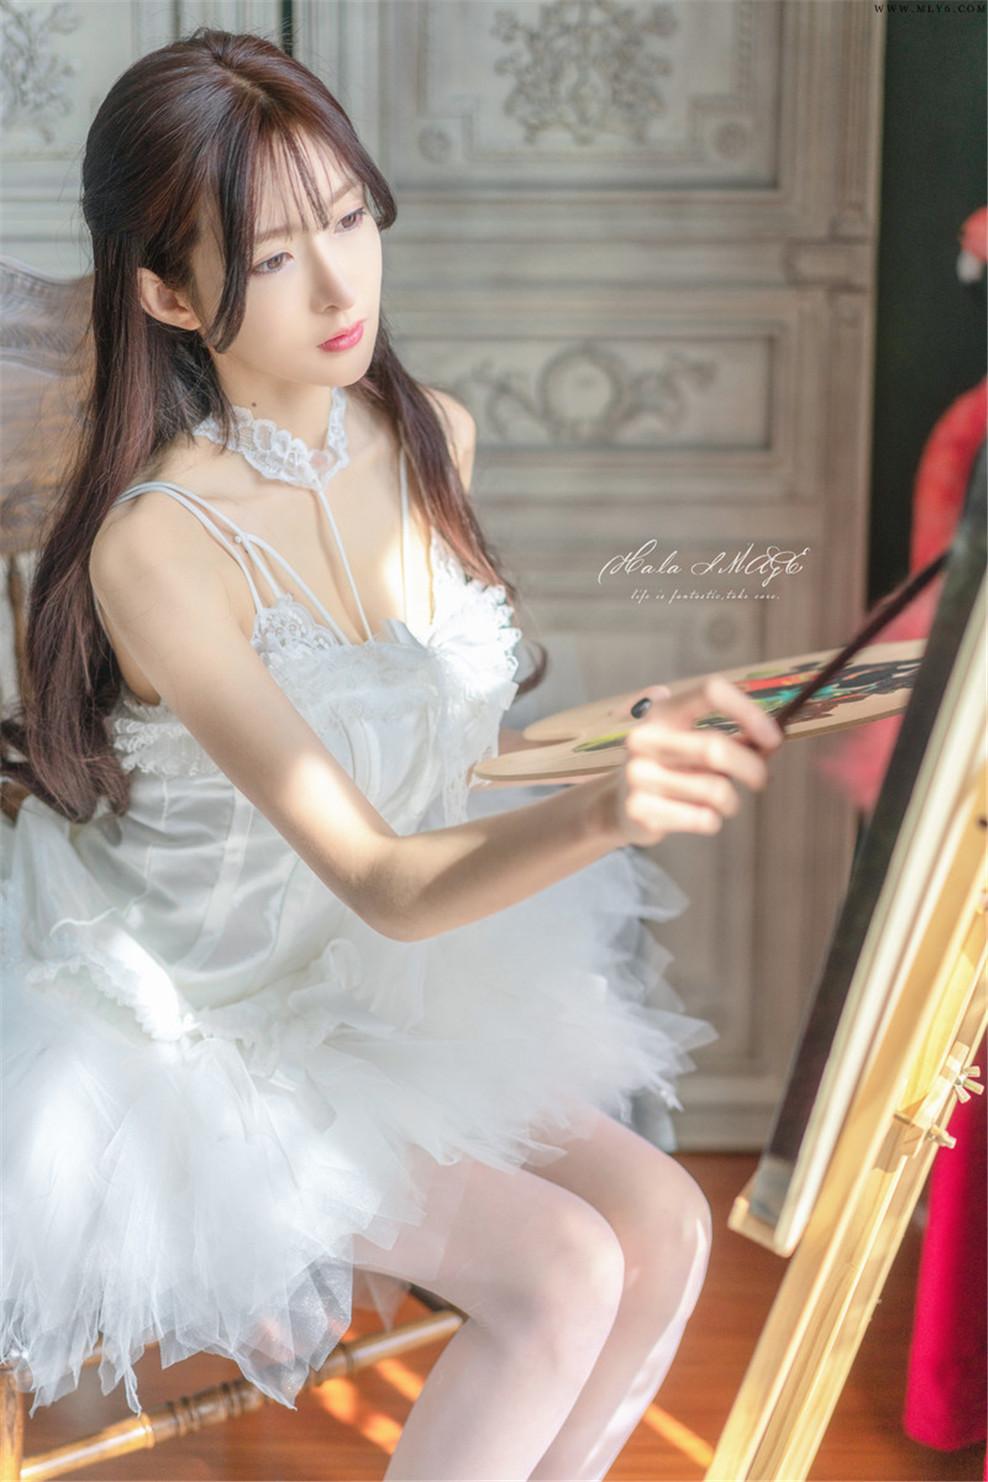 王羽杉Barbieshy – NO.04 白色吊带裙